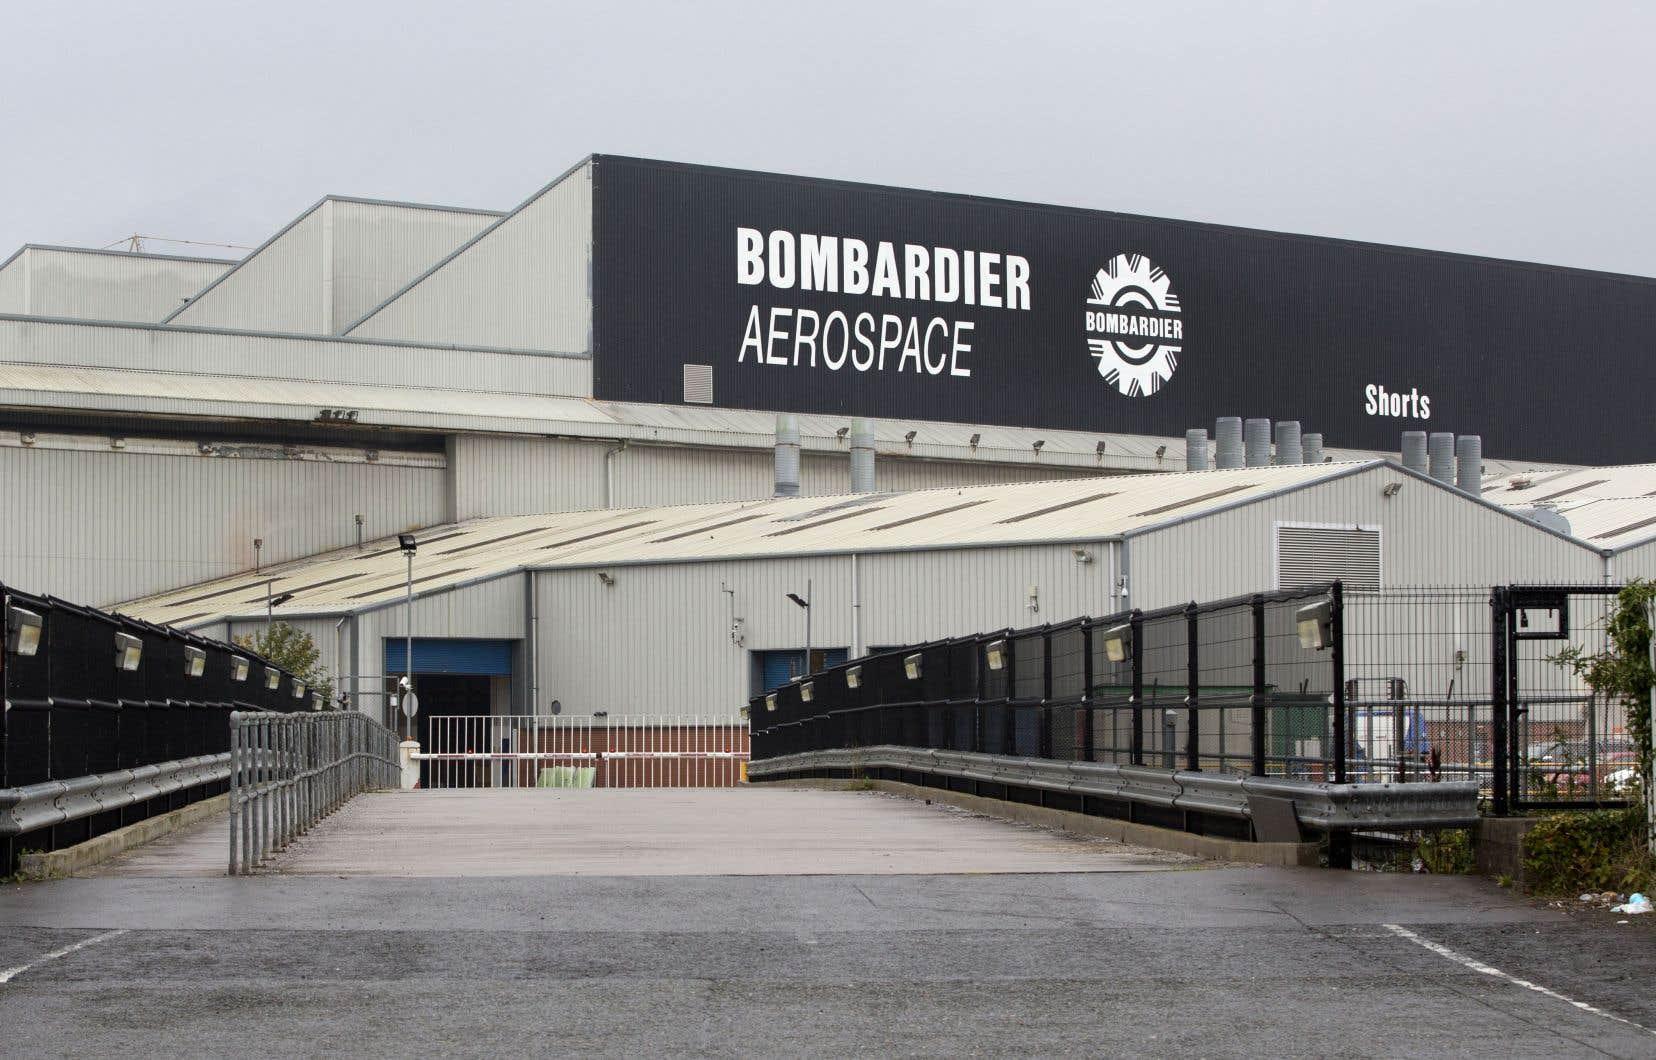 Bombardier dit également avoir pu renégocier à son avantage des ententes avec la compagnie américaine, qui deviendra un fournisseur pour ses familles Learjet, Global et Challenger, à la clôture de la transaction, prévue vendredi.